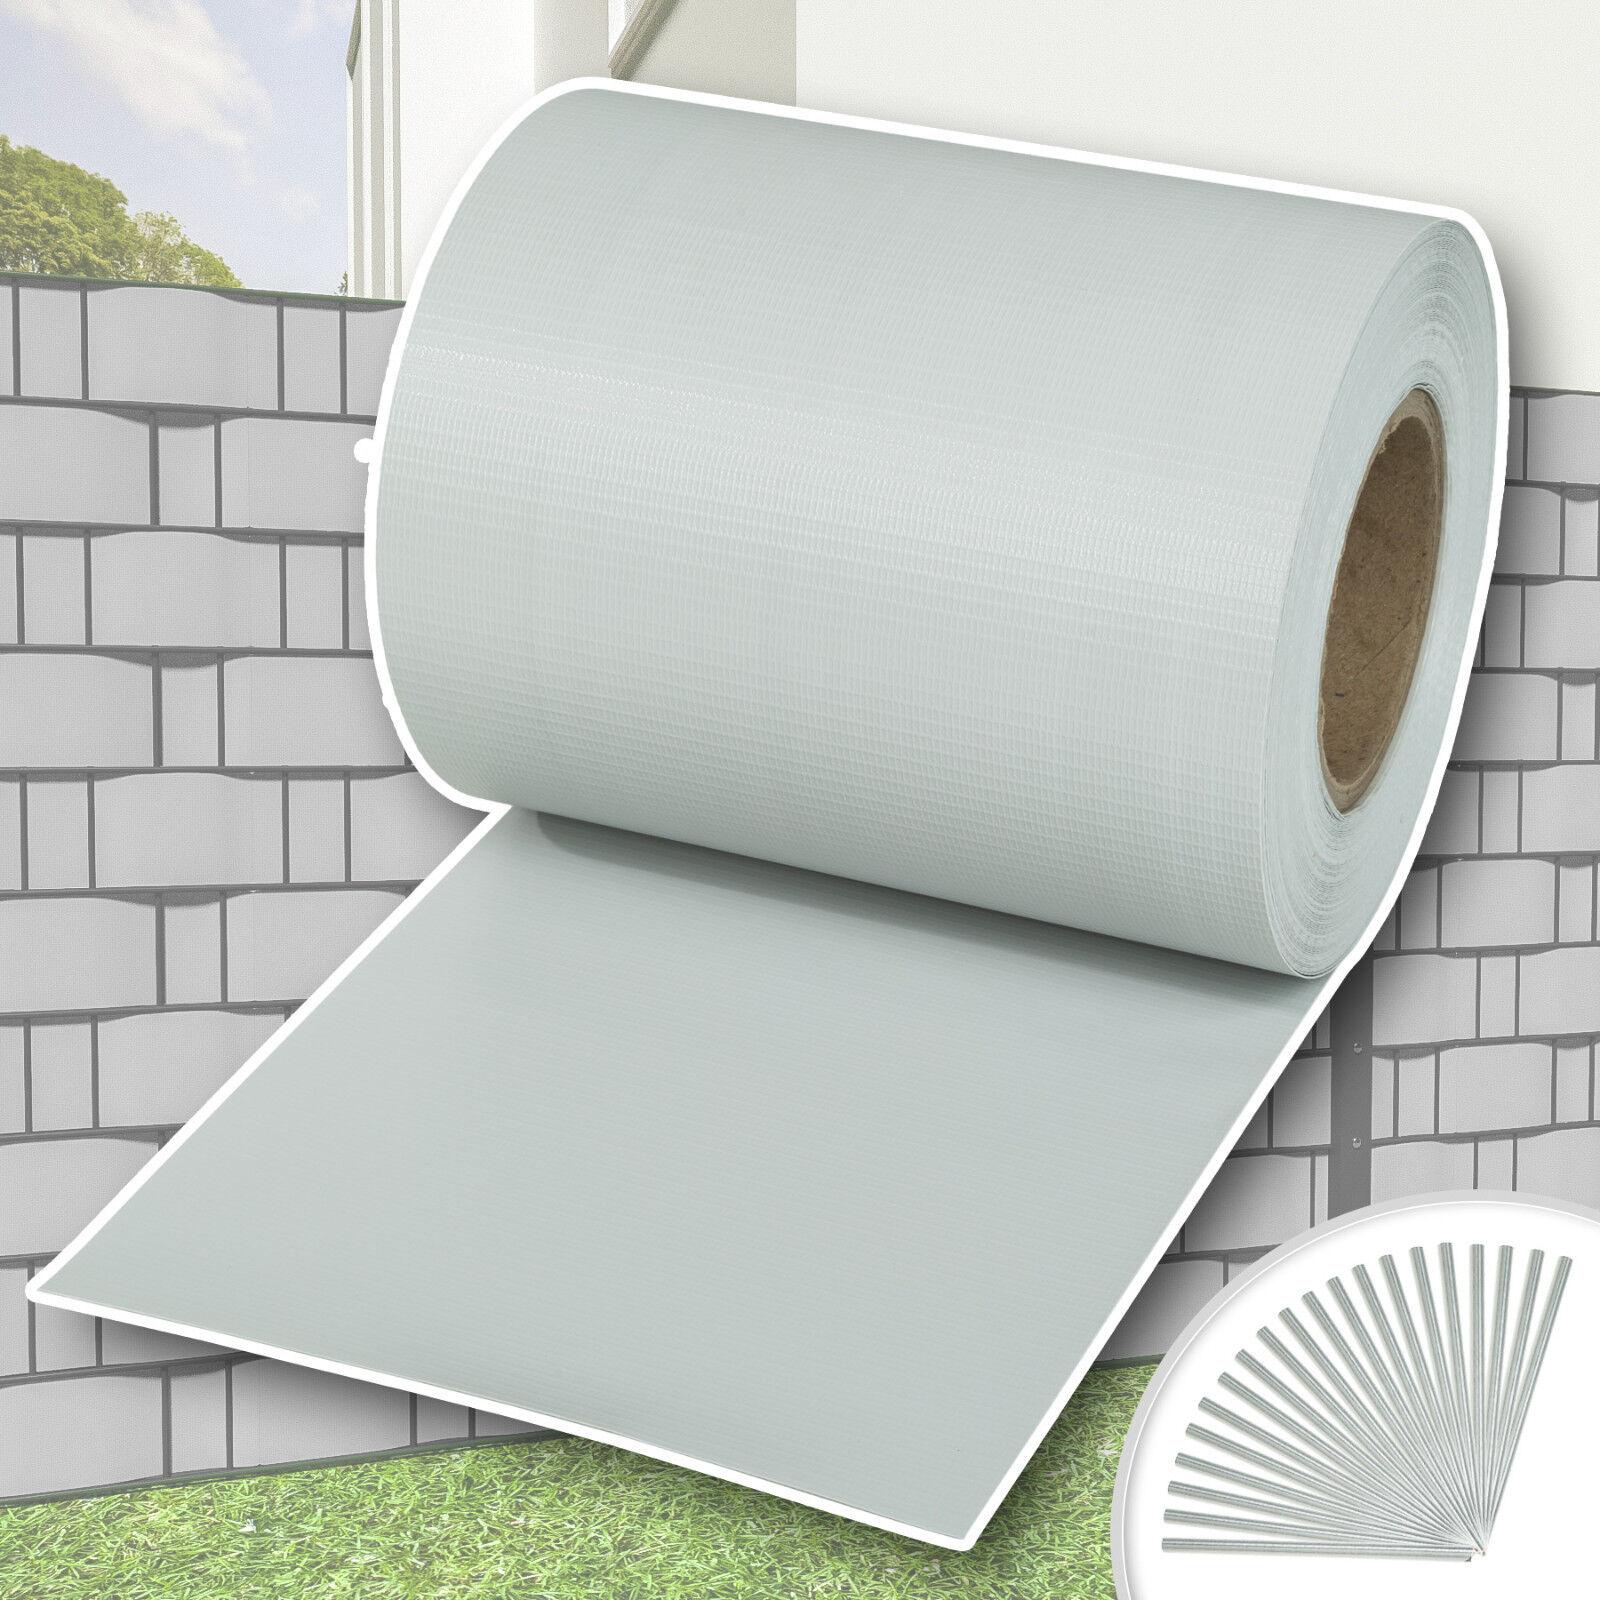 Pantalla de privacidad de detección valla jardín 70 m Rollo de malla de cubierta del panel luz de papel de aluminio gris